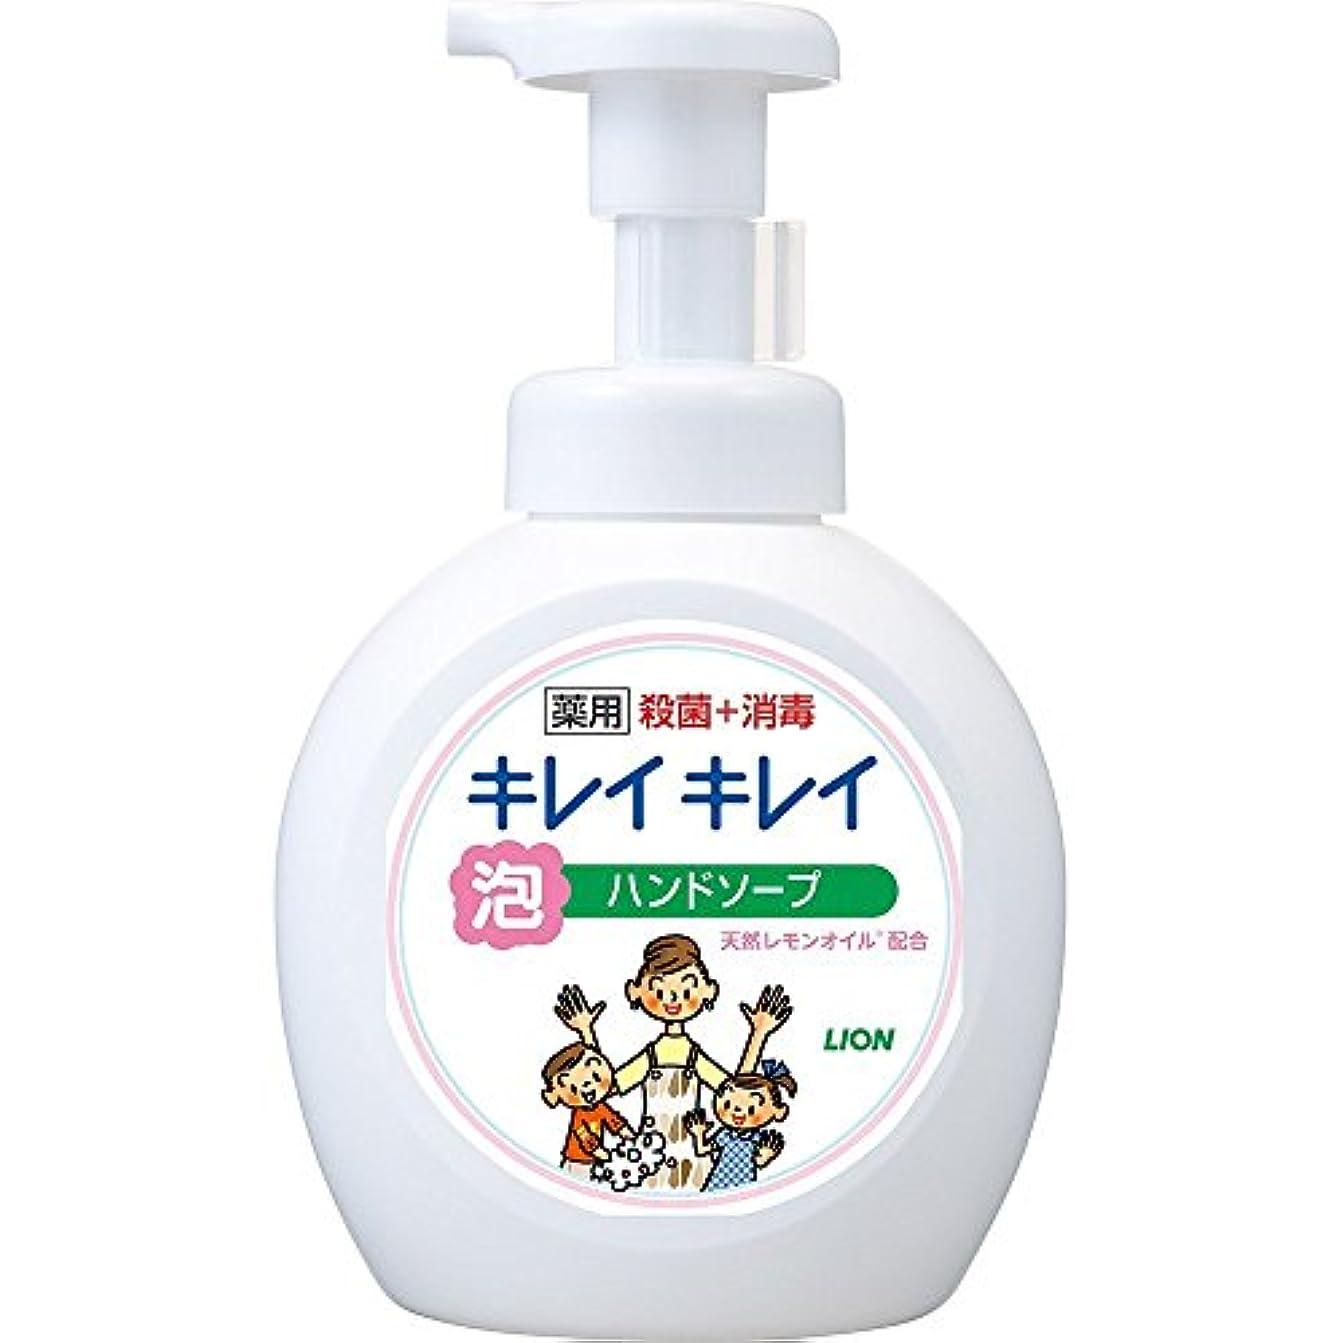 告白プロトタイプありがたいキレイキレイ 薬用 泡ハンドソープ シトラスフルーティの香り 本体ポンプ 大型サイズ 500ml(医薬部外品)